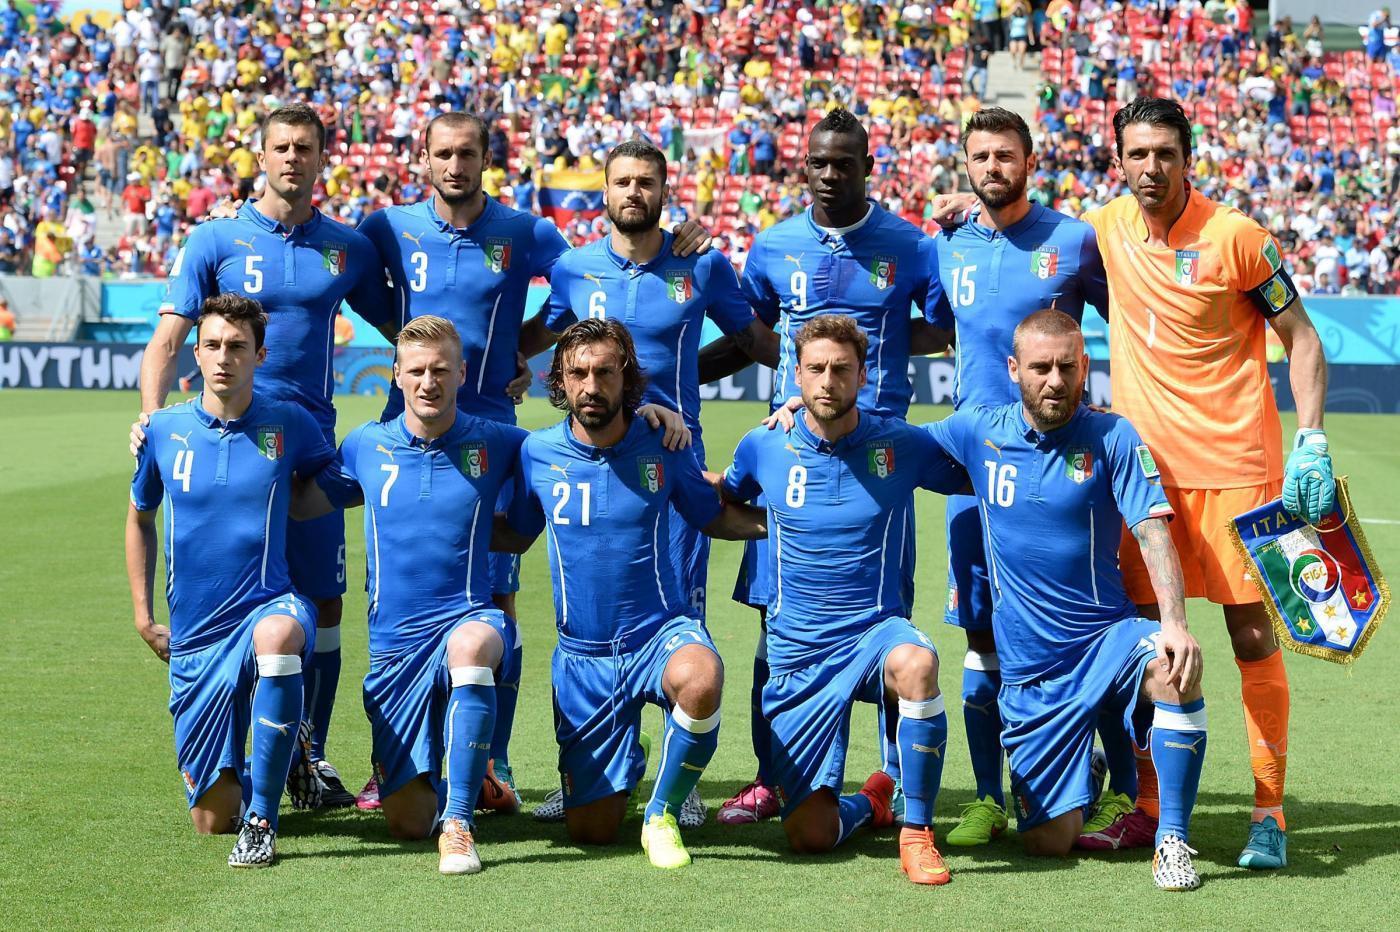 Mondiali 2014, Italia vs Costa Rica: le pagelle del post-disastro azzurro